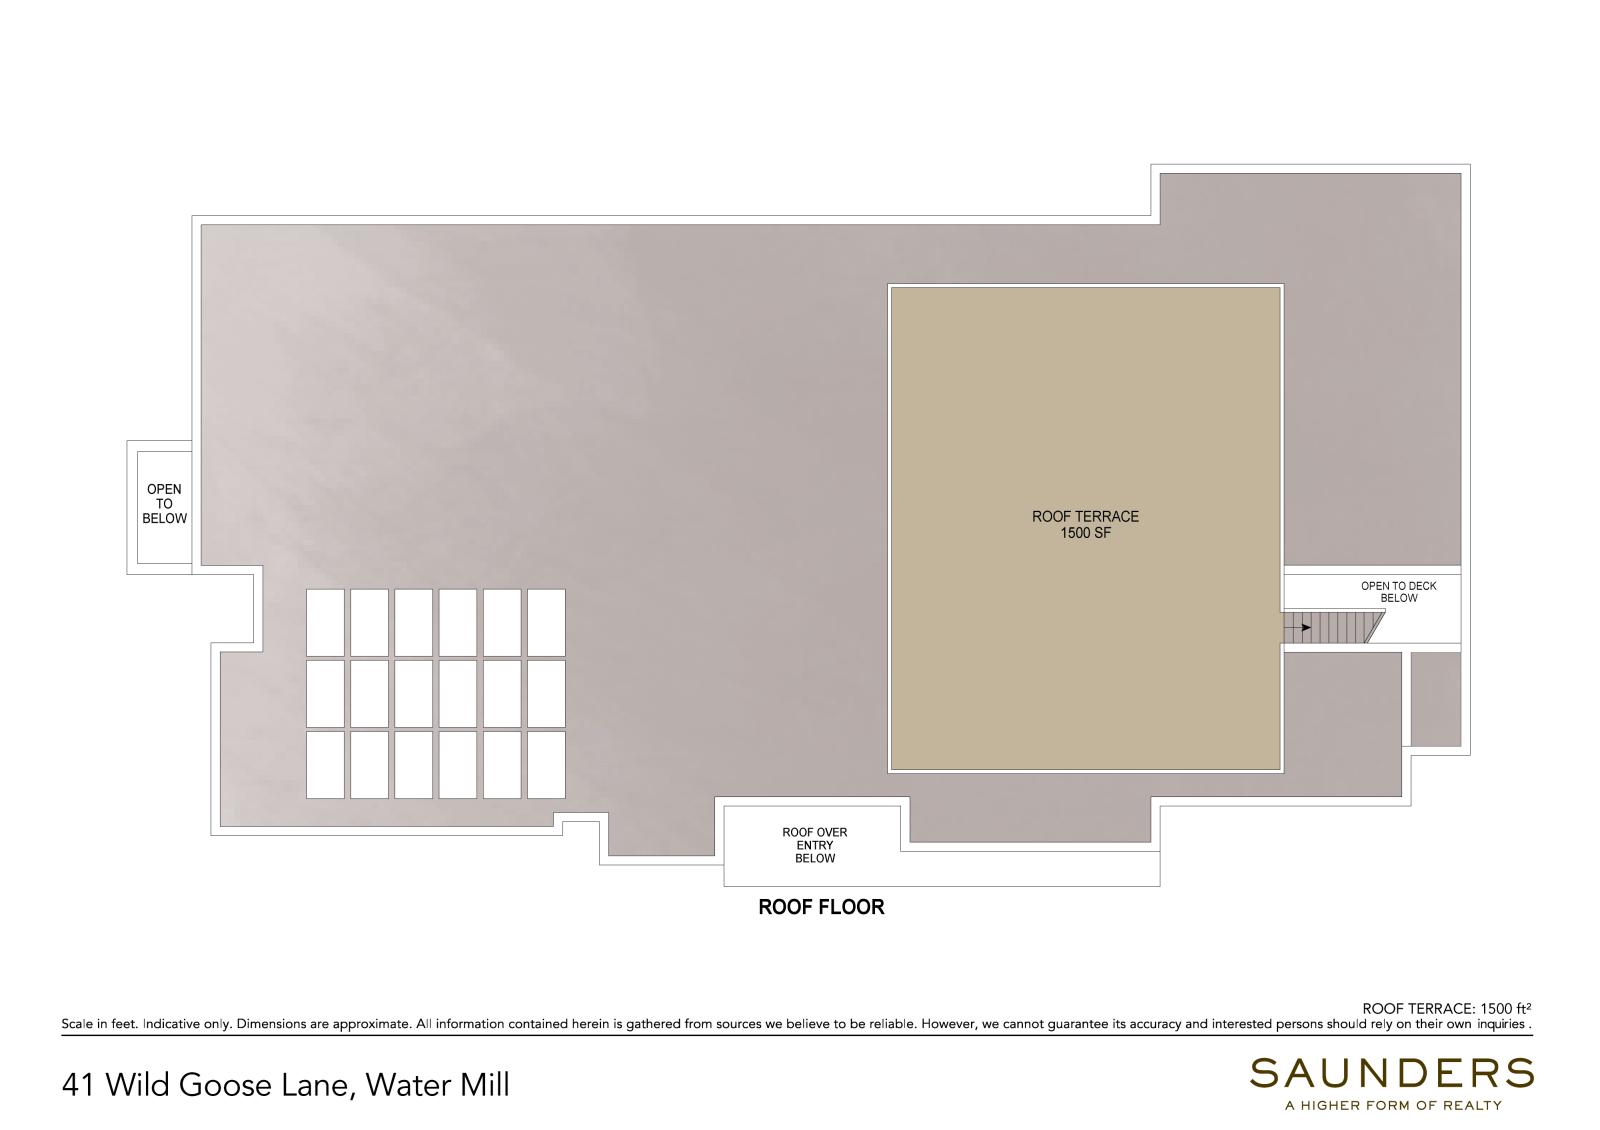 41 Wild Goose Lane Roof (floor plan)